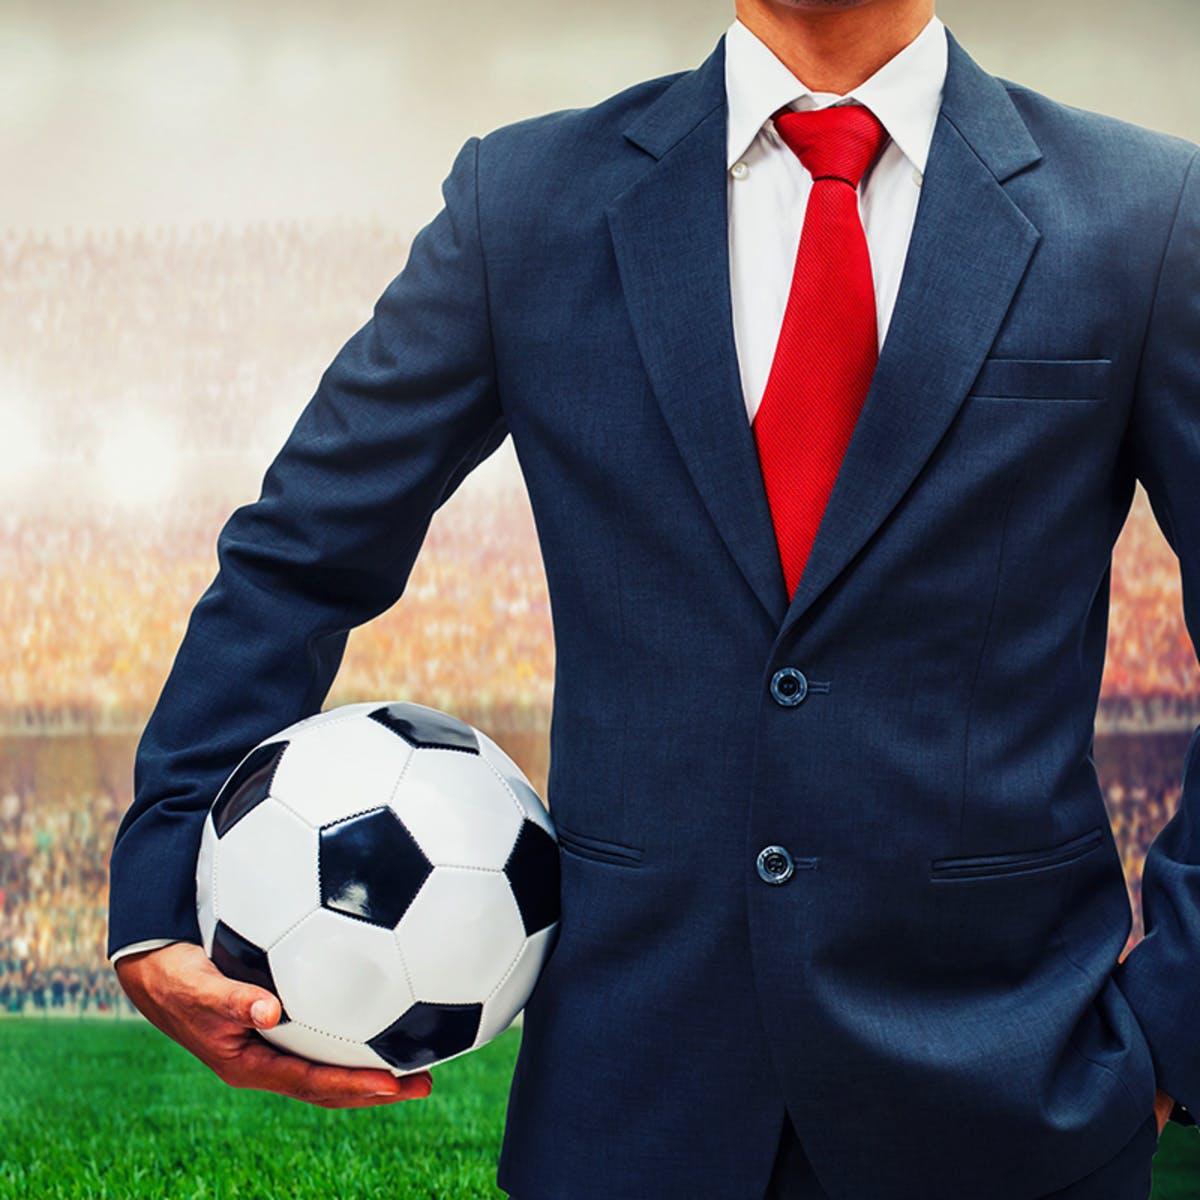 A prática da gestão de clubes e federações esportivas